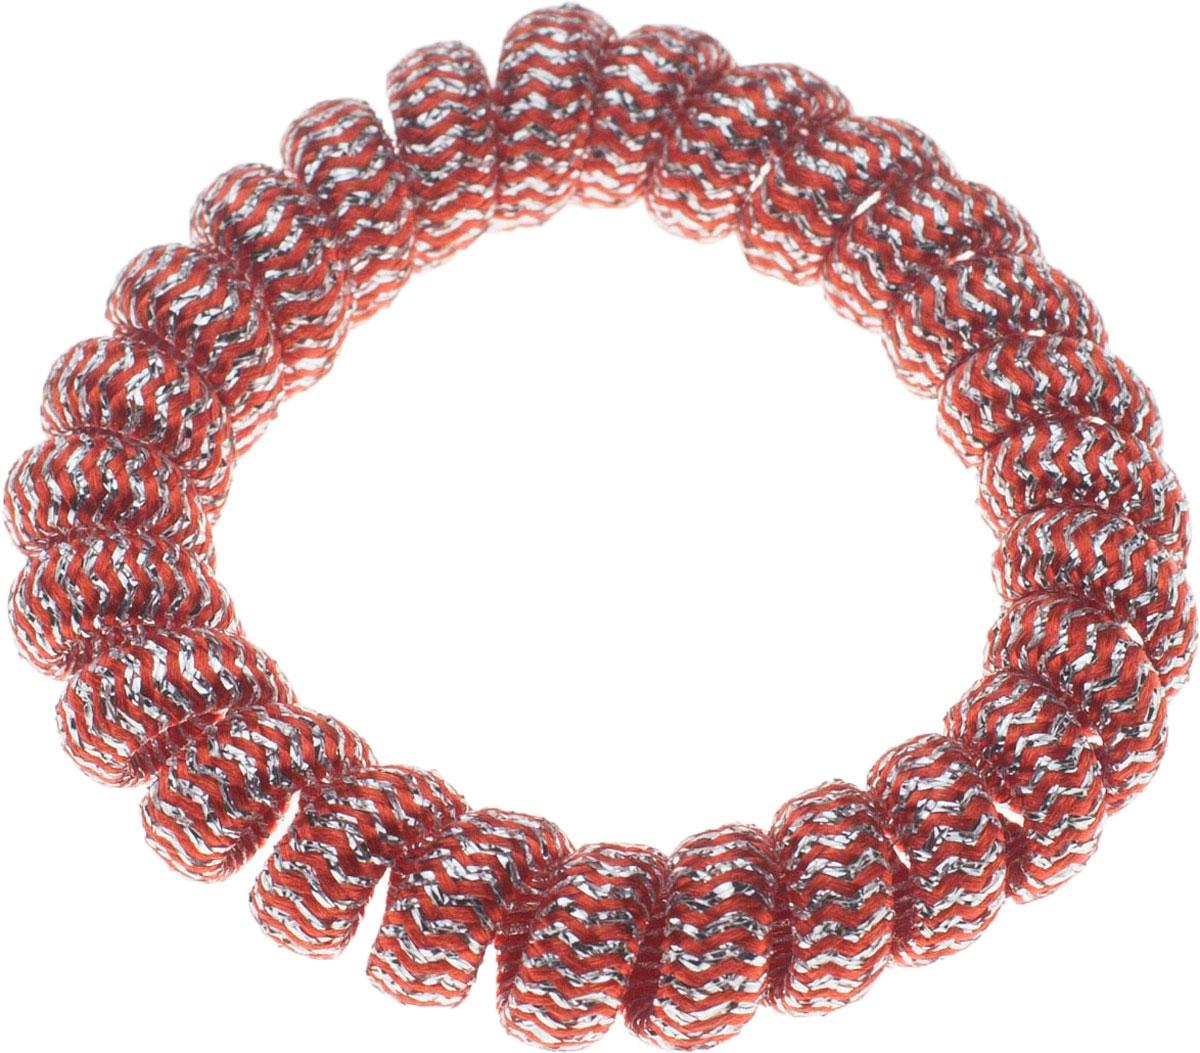 Резинка для волос Мастерская Крутовых, цвет: красный. РПВ-222